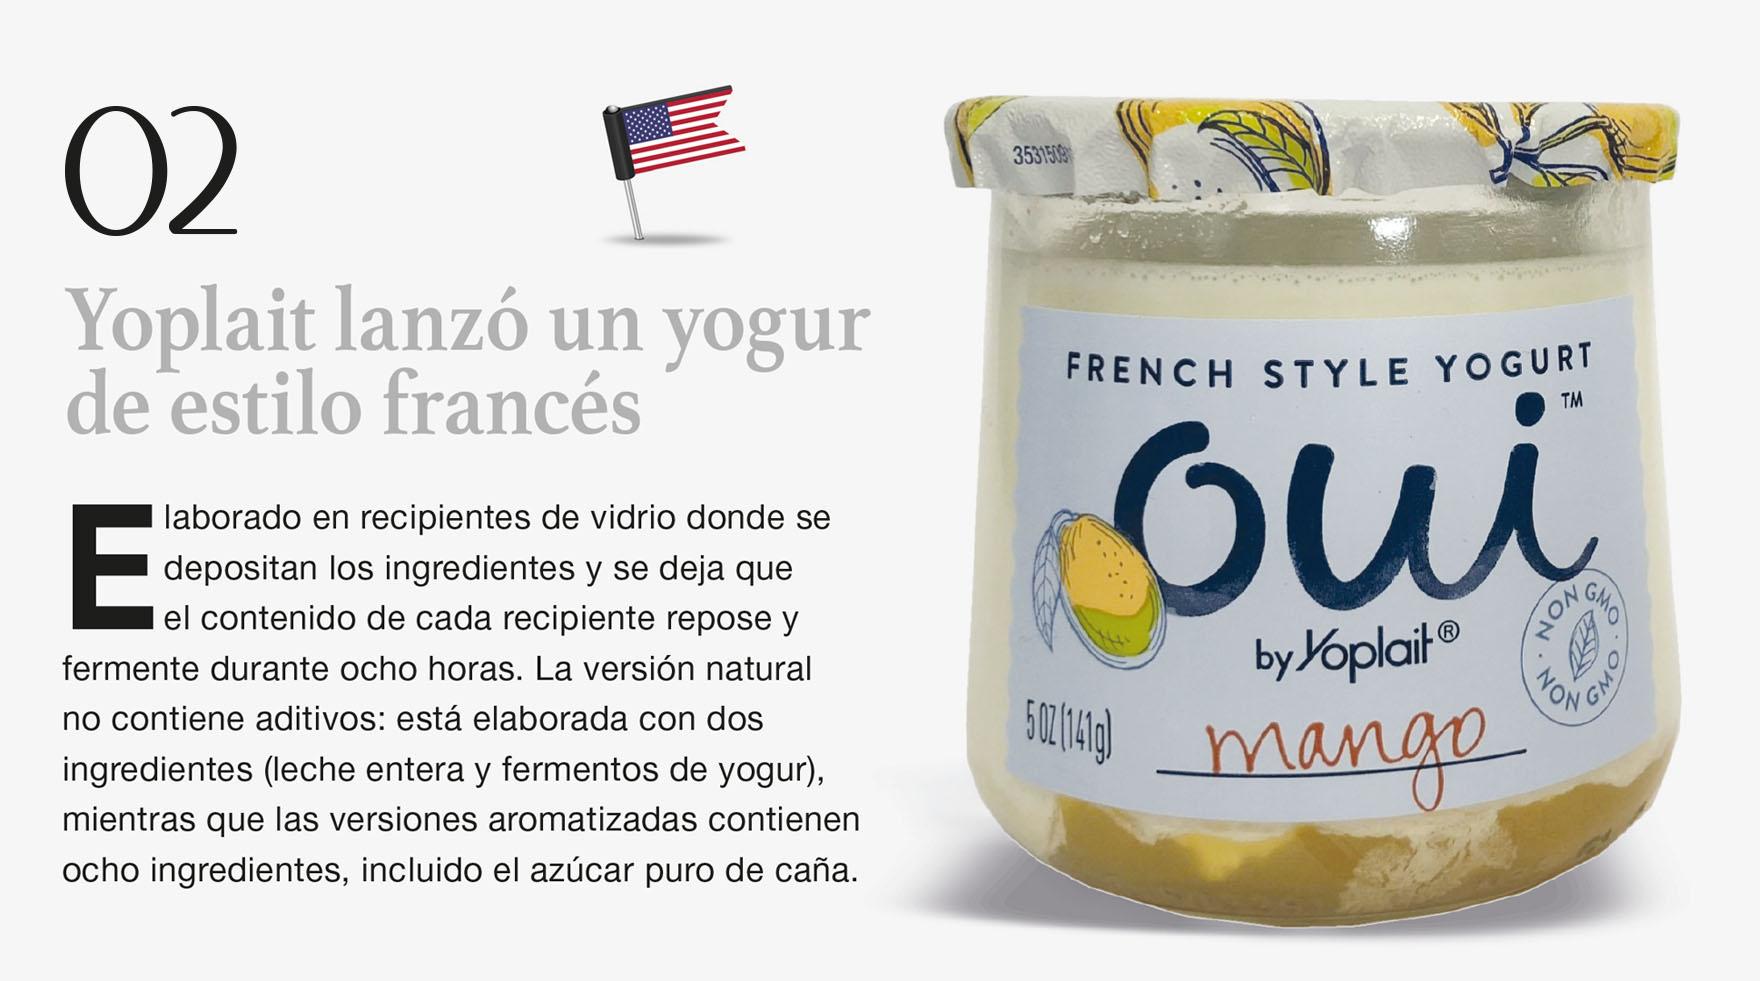 Yoplait lanzó un yogur de estilo francés